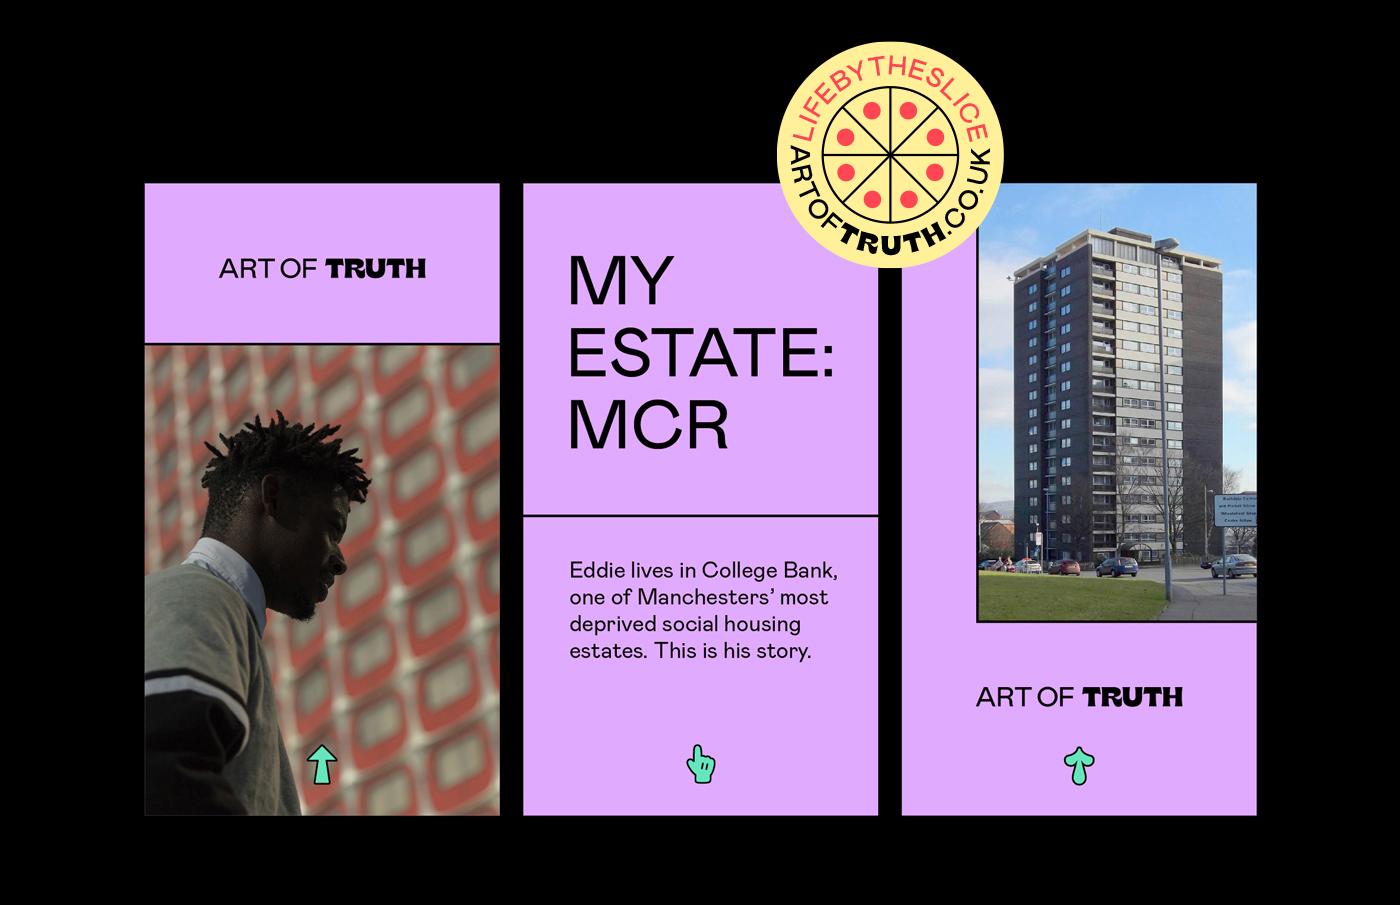 art of truth social media design